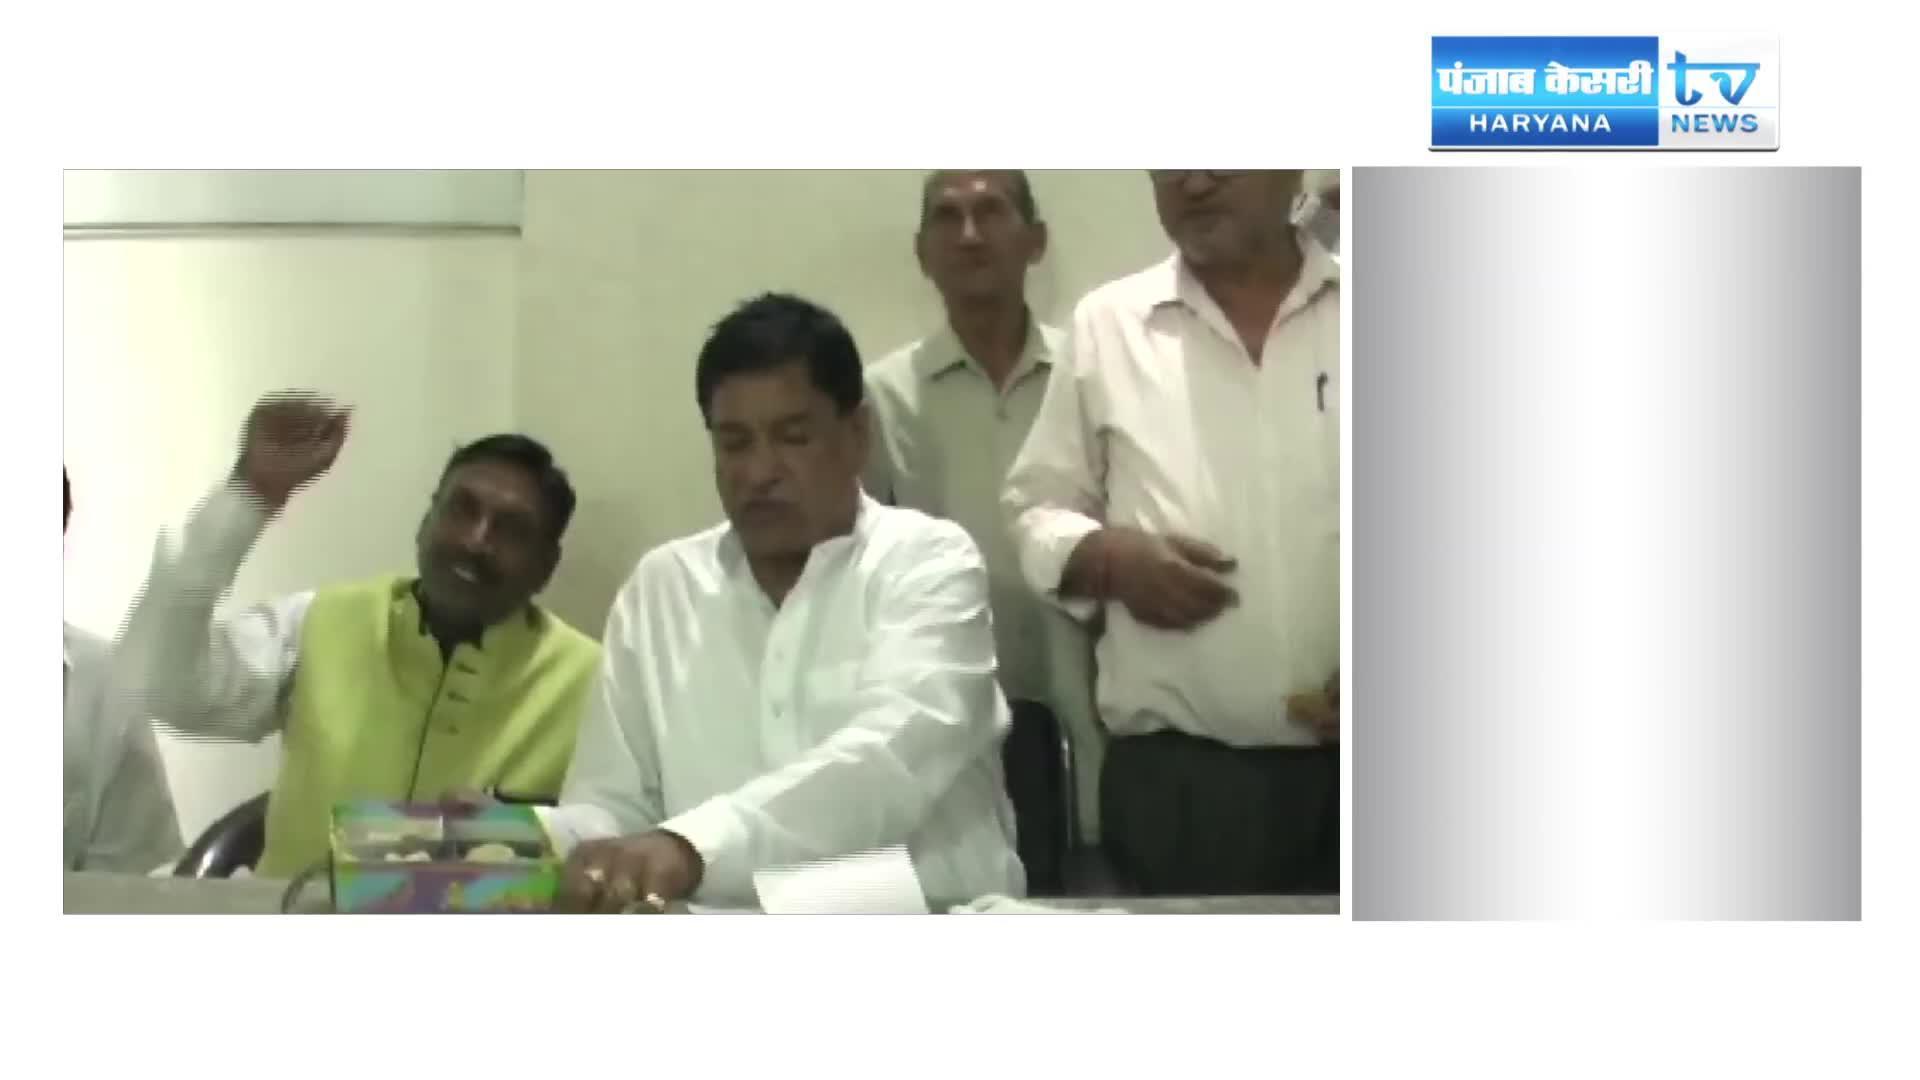 Image of भाजपा ने बनाई सैनी से दूरियां! आर्य युवा सम्मेलन में नहीं दिया न्यौता